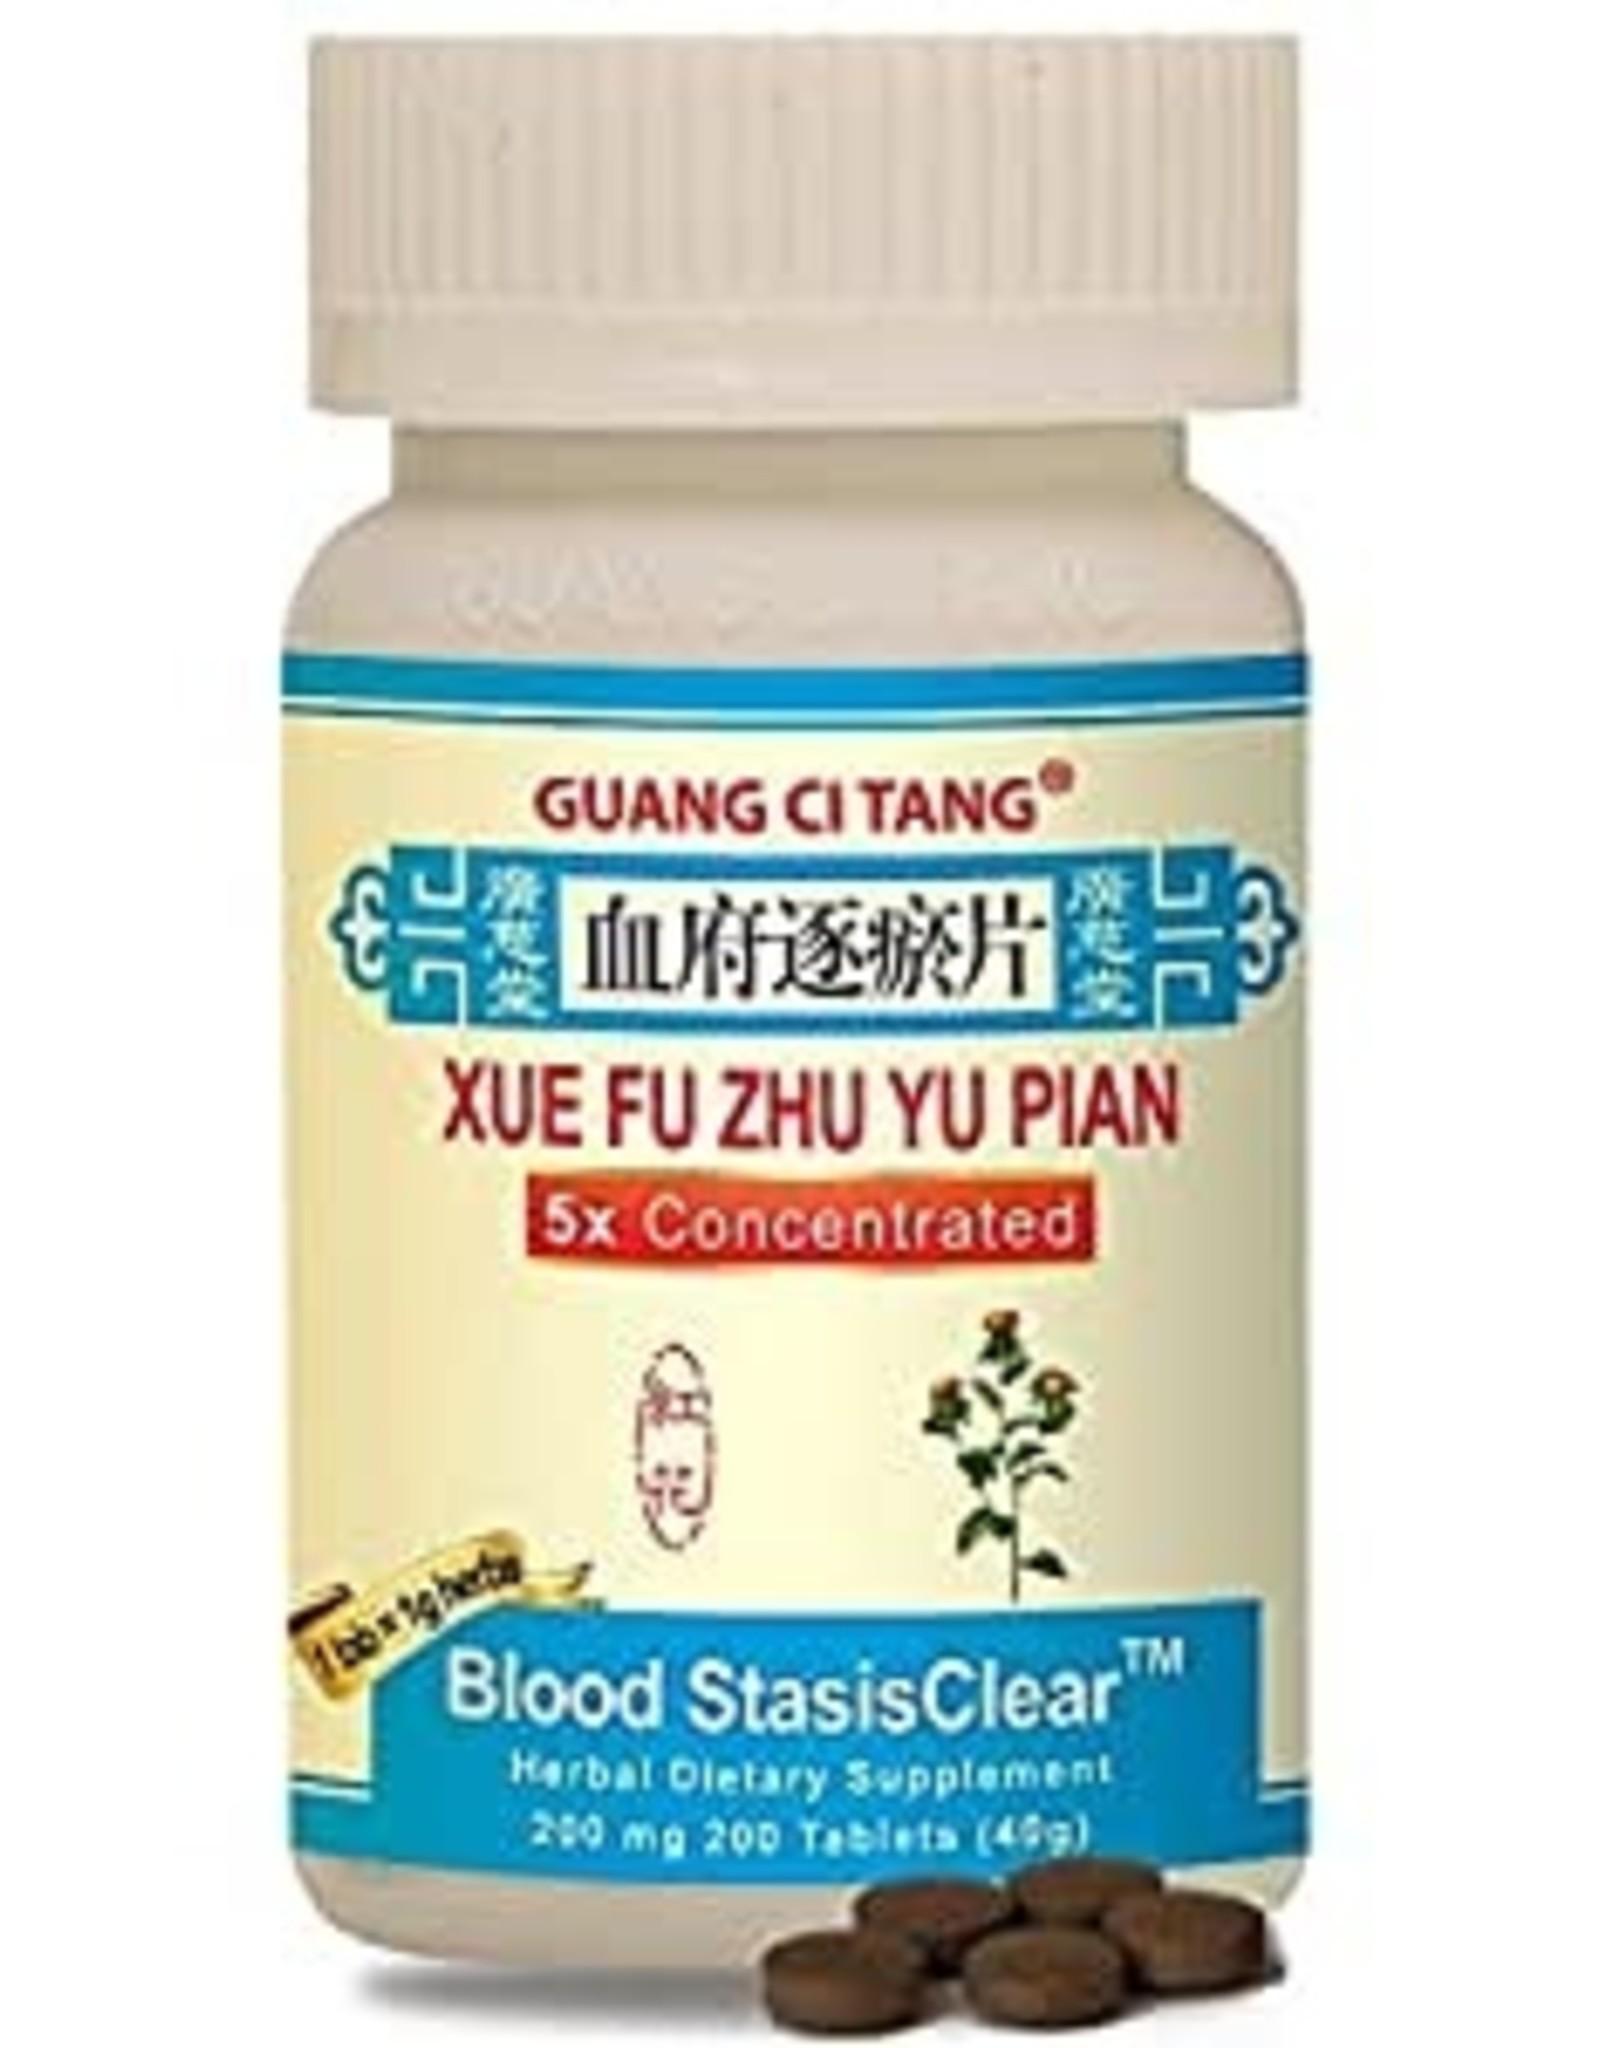 Guang Ci Tang Xue Fu Zhu Yu Pian - Blood StasisClear